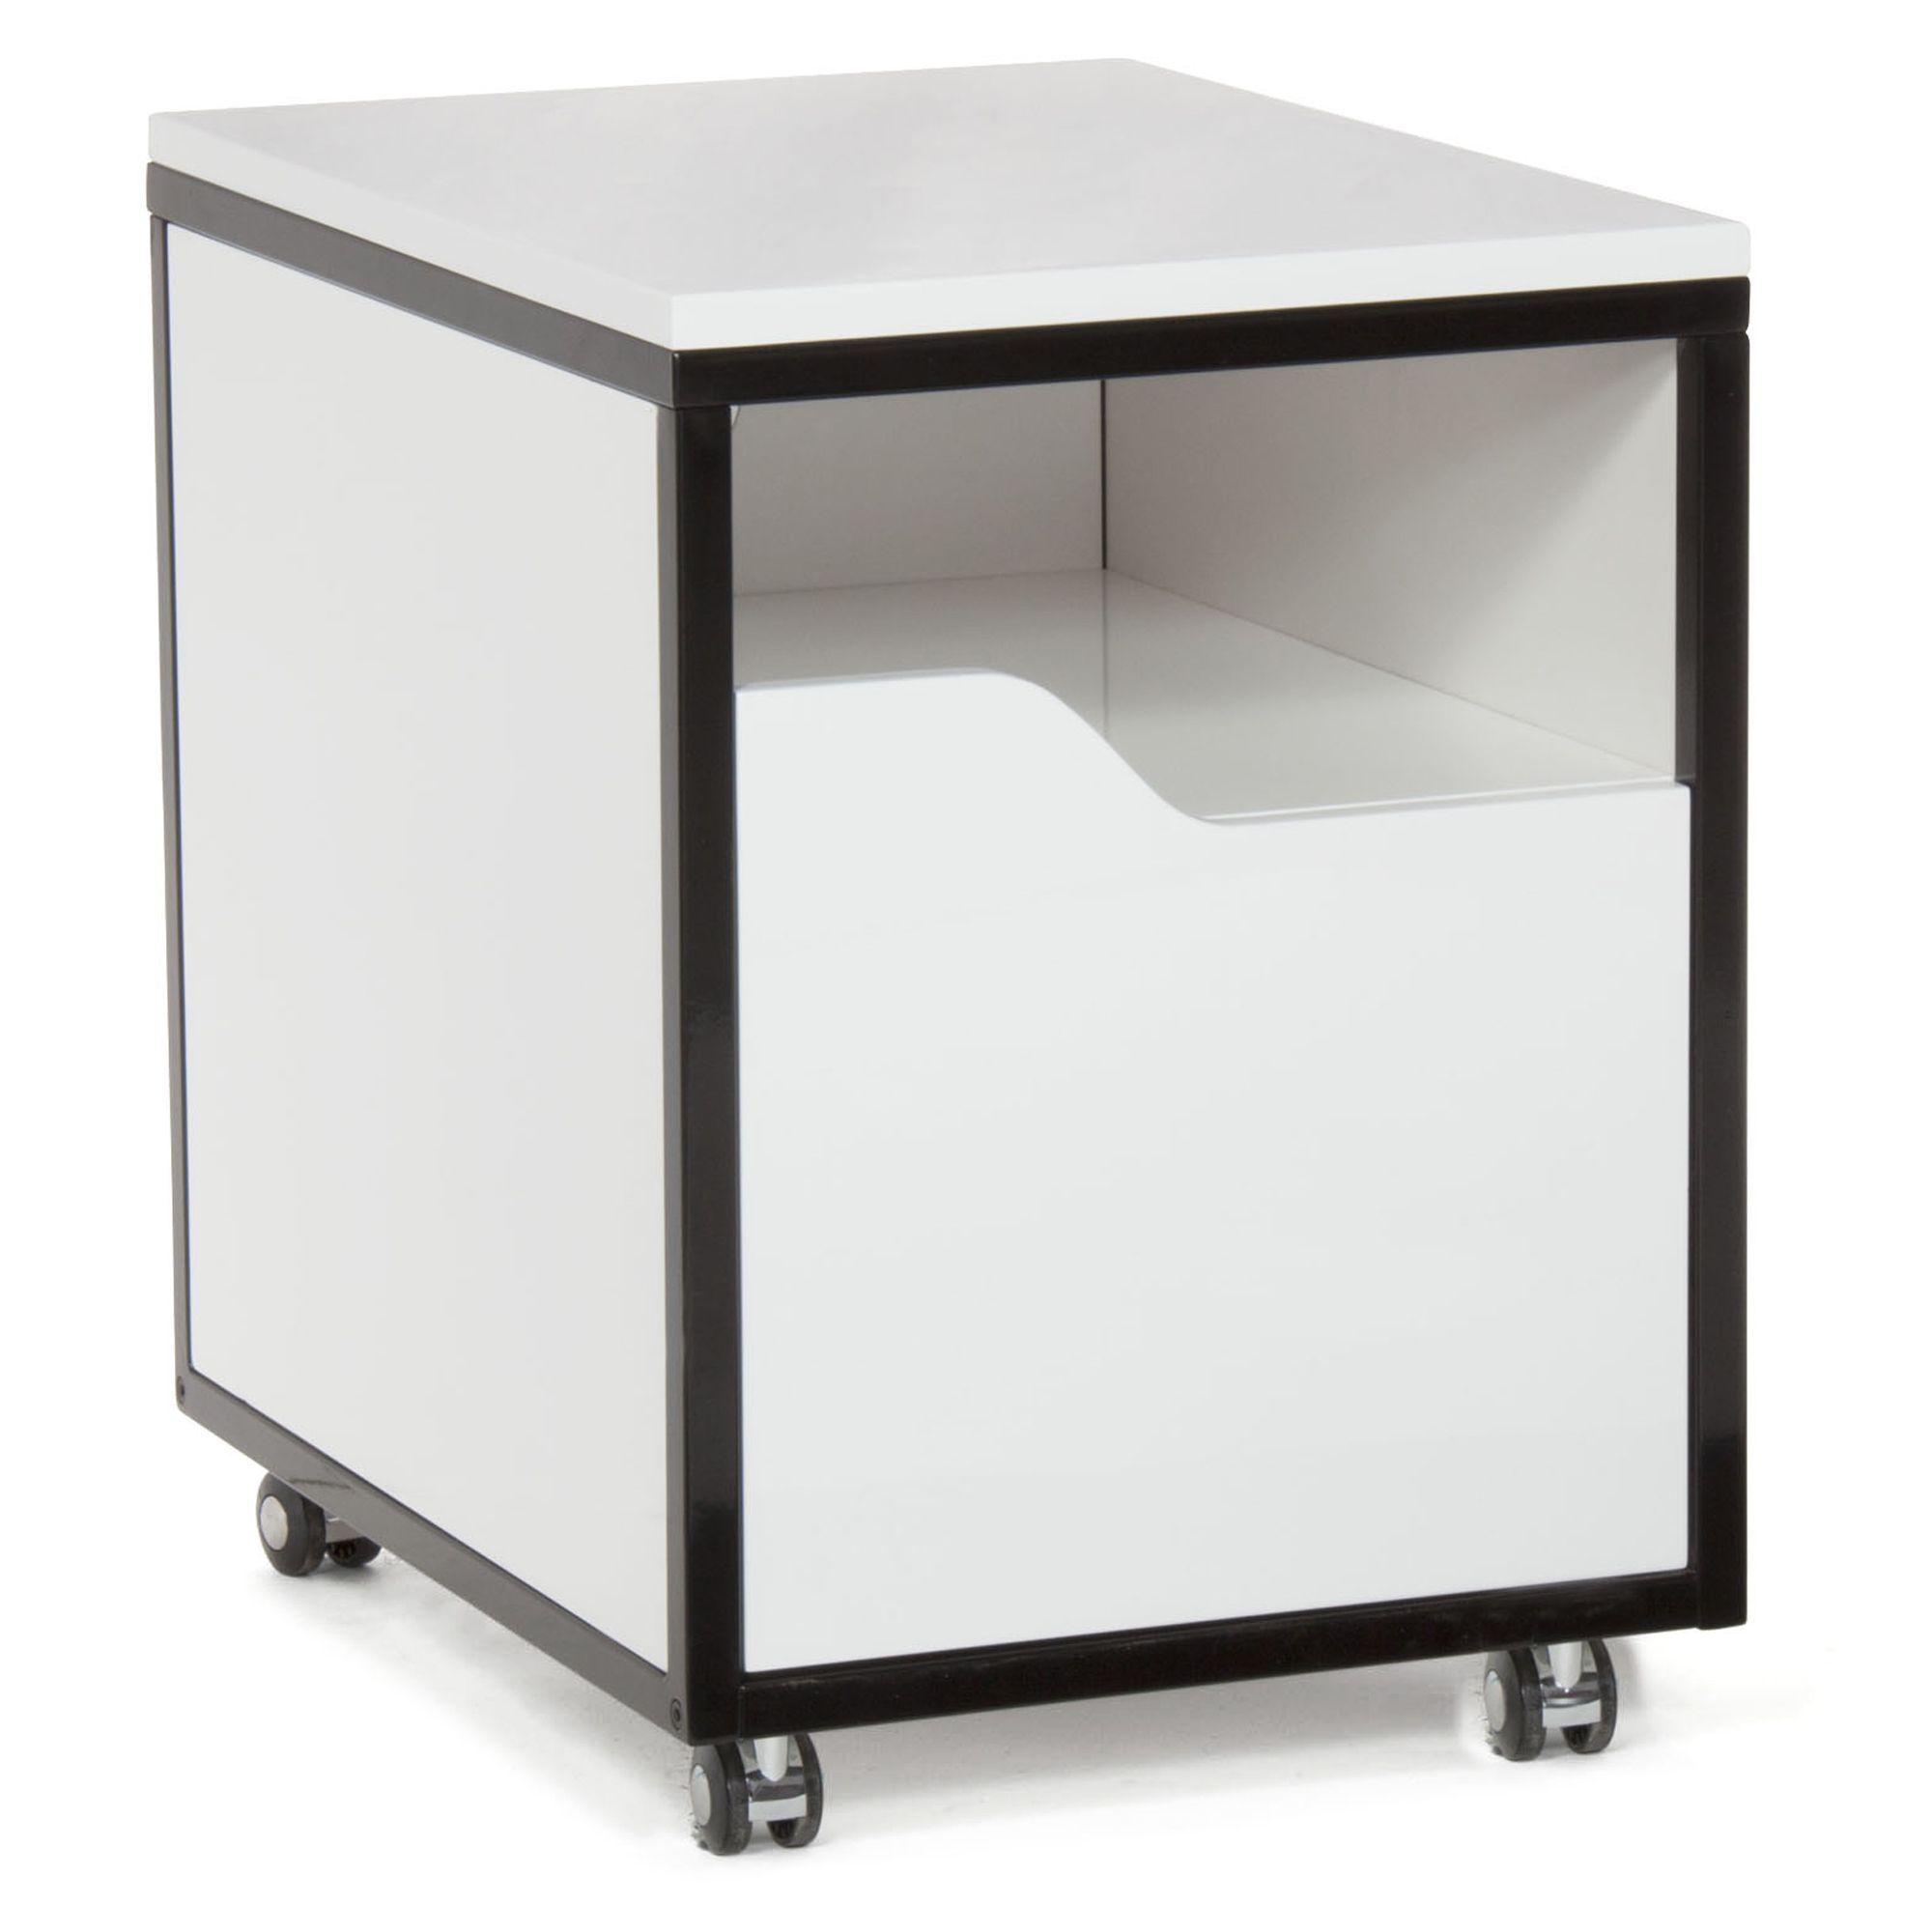 caisson roulettes pour bureau blanc noir arthur bureau les caissons les rangements. Black Bedroom Furniture Sets. Home Design Ideas